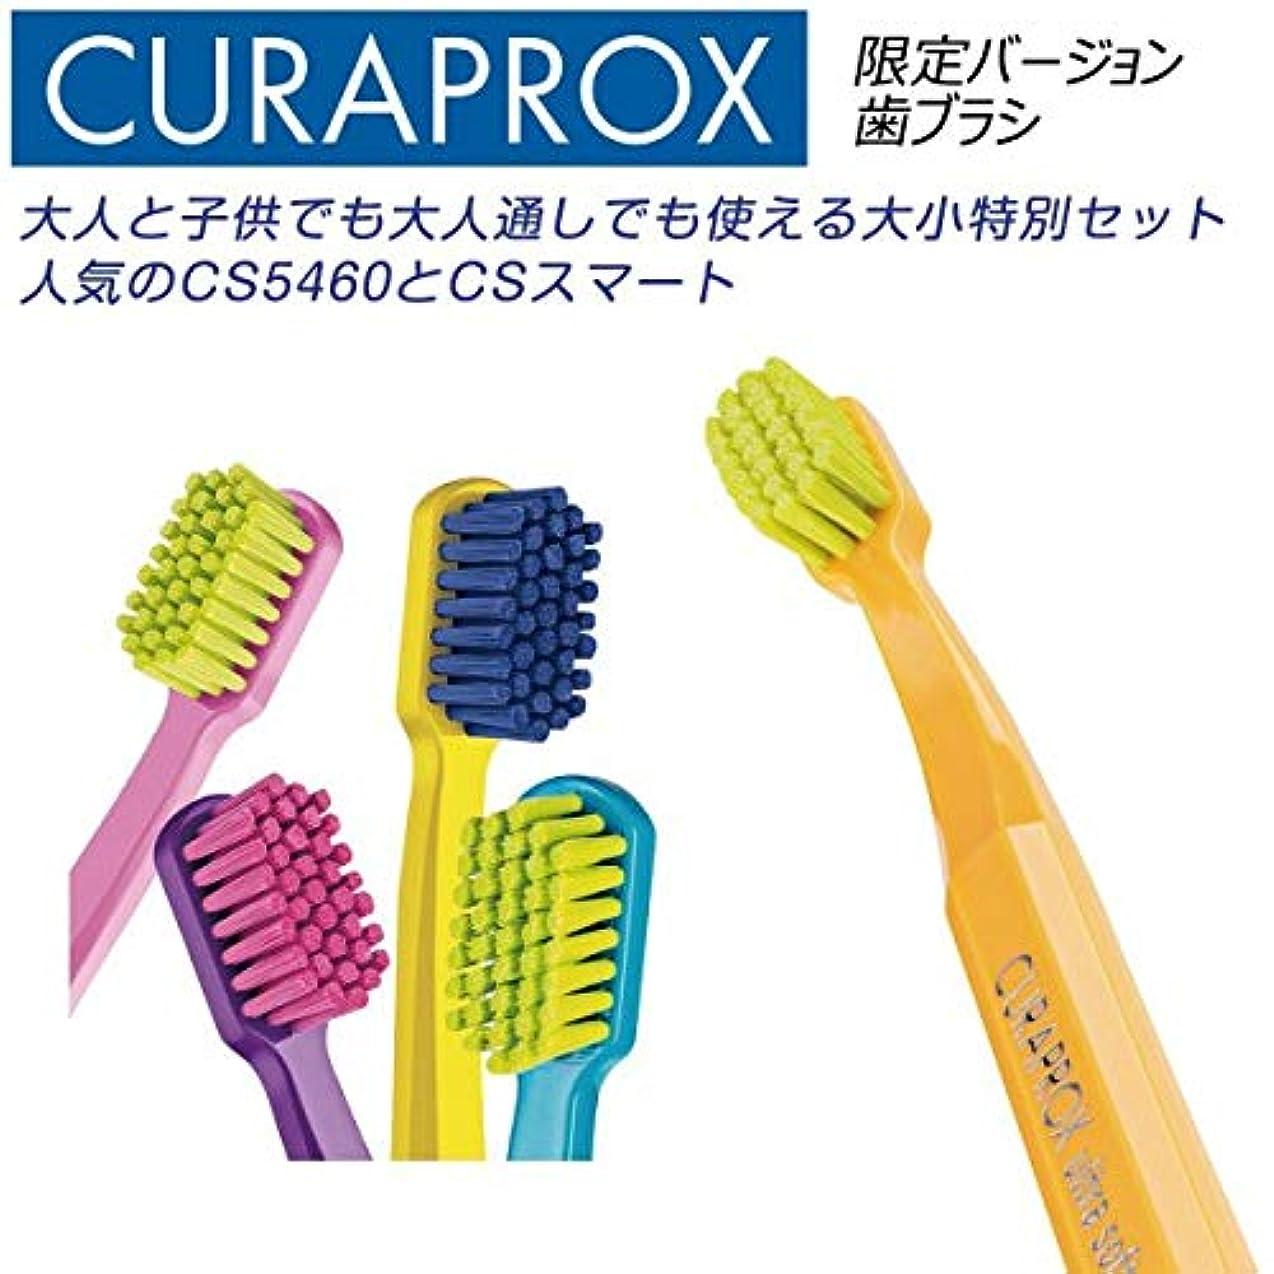 放散する相手主婦クラプロックス 歯ブラシ CS5460 ファミリーエディション黄緑+ピンク